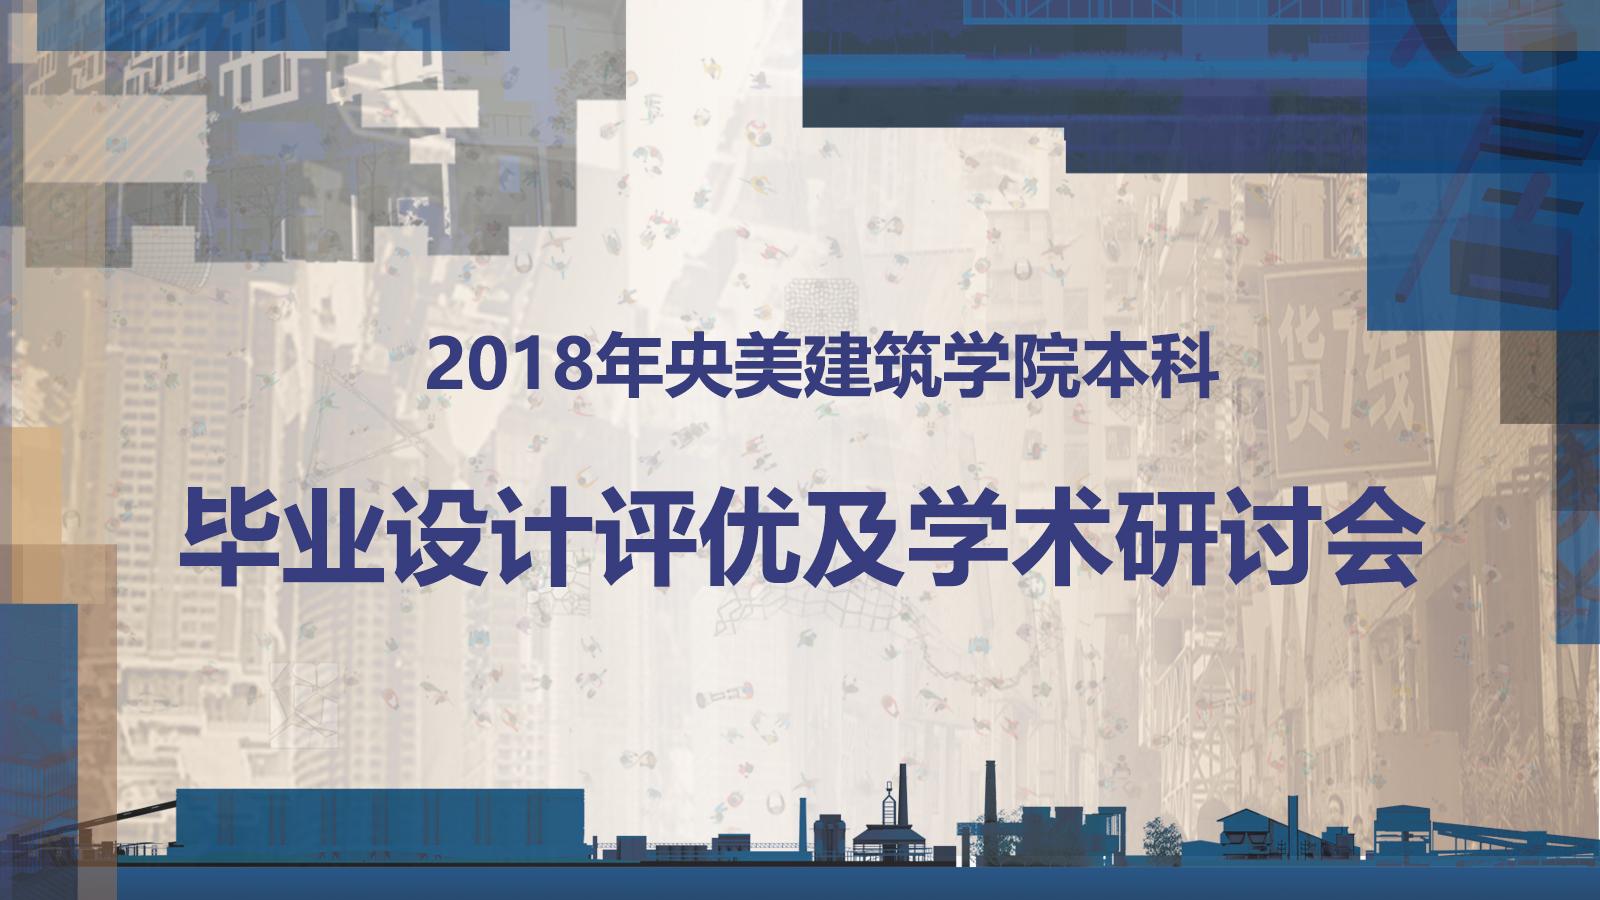 2018央美▪建筑学院本科毕业设计评优及学术研讨会